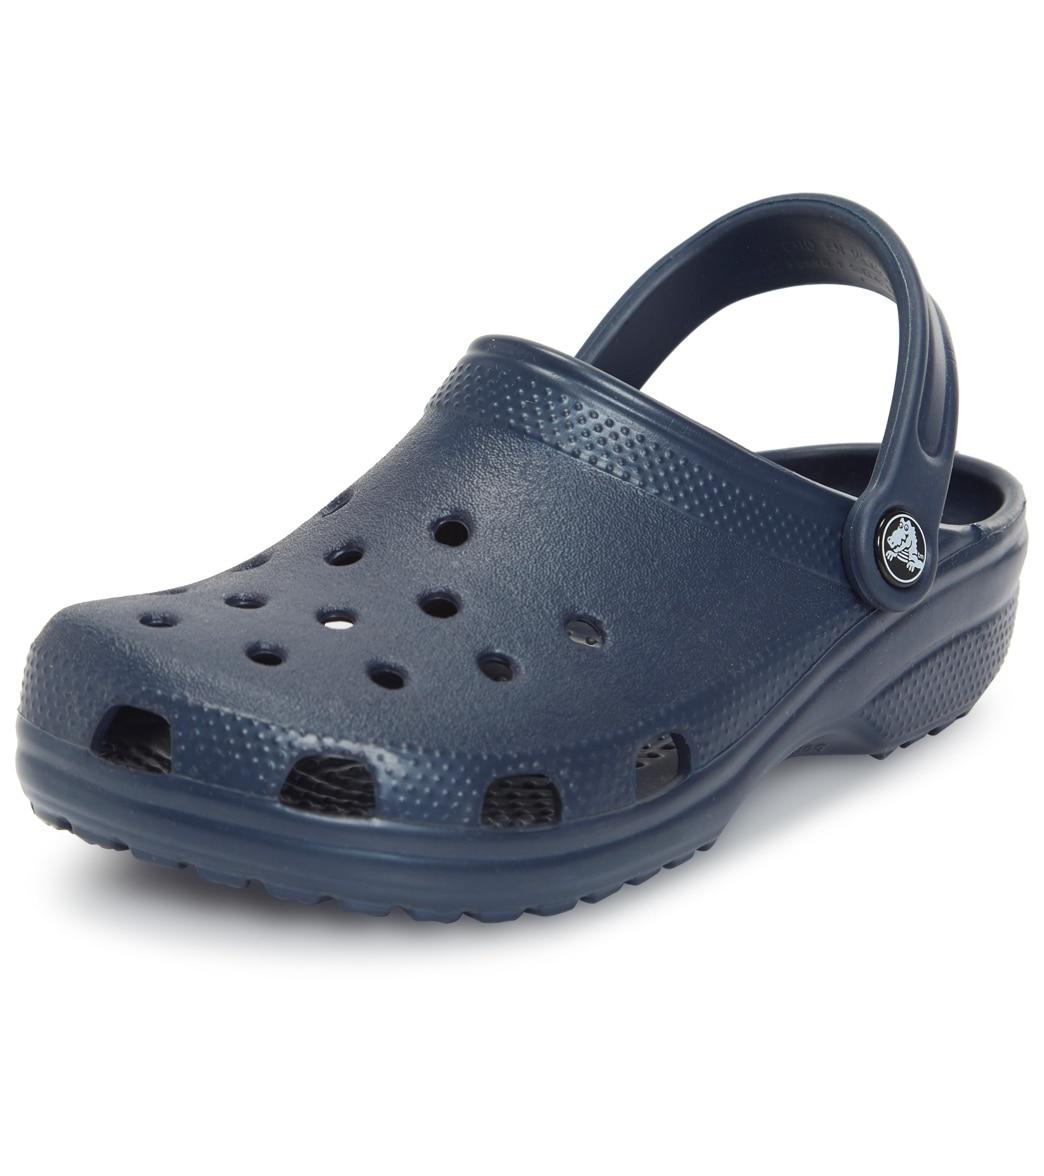 1a9ceac87043 crocs shoes for sale   OFF69% Discounts